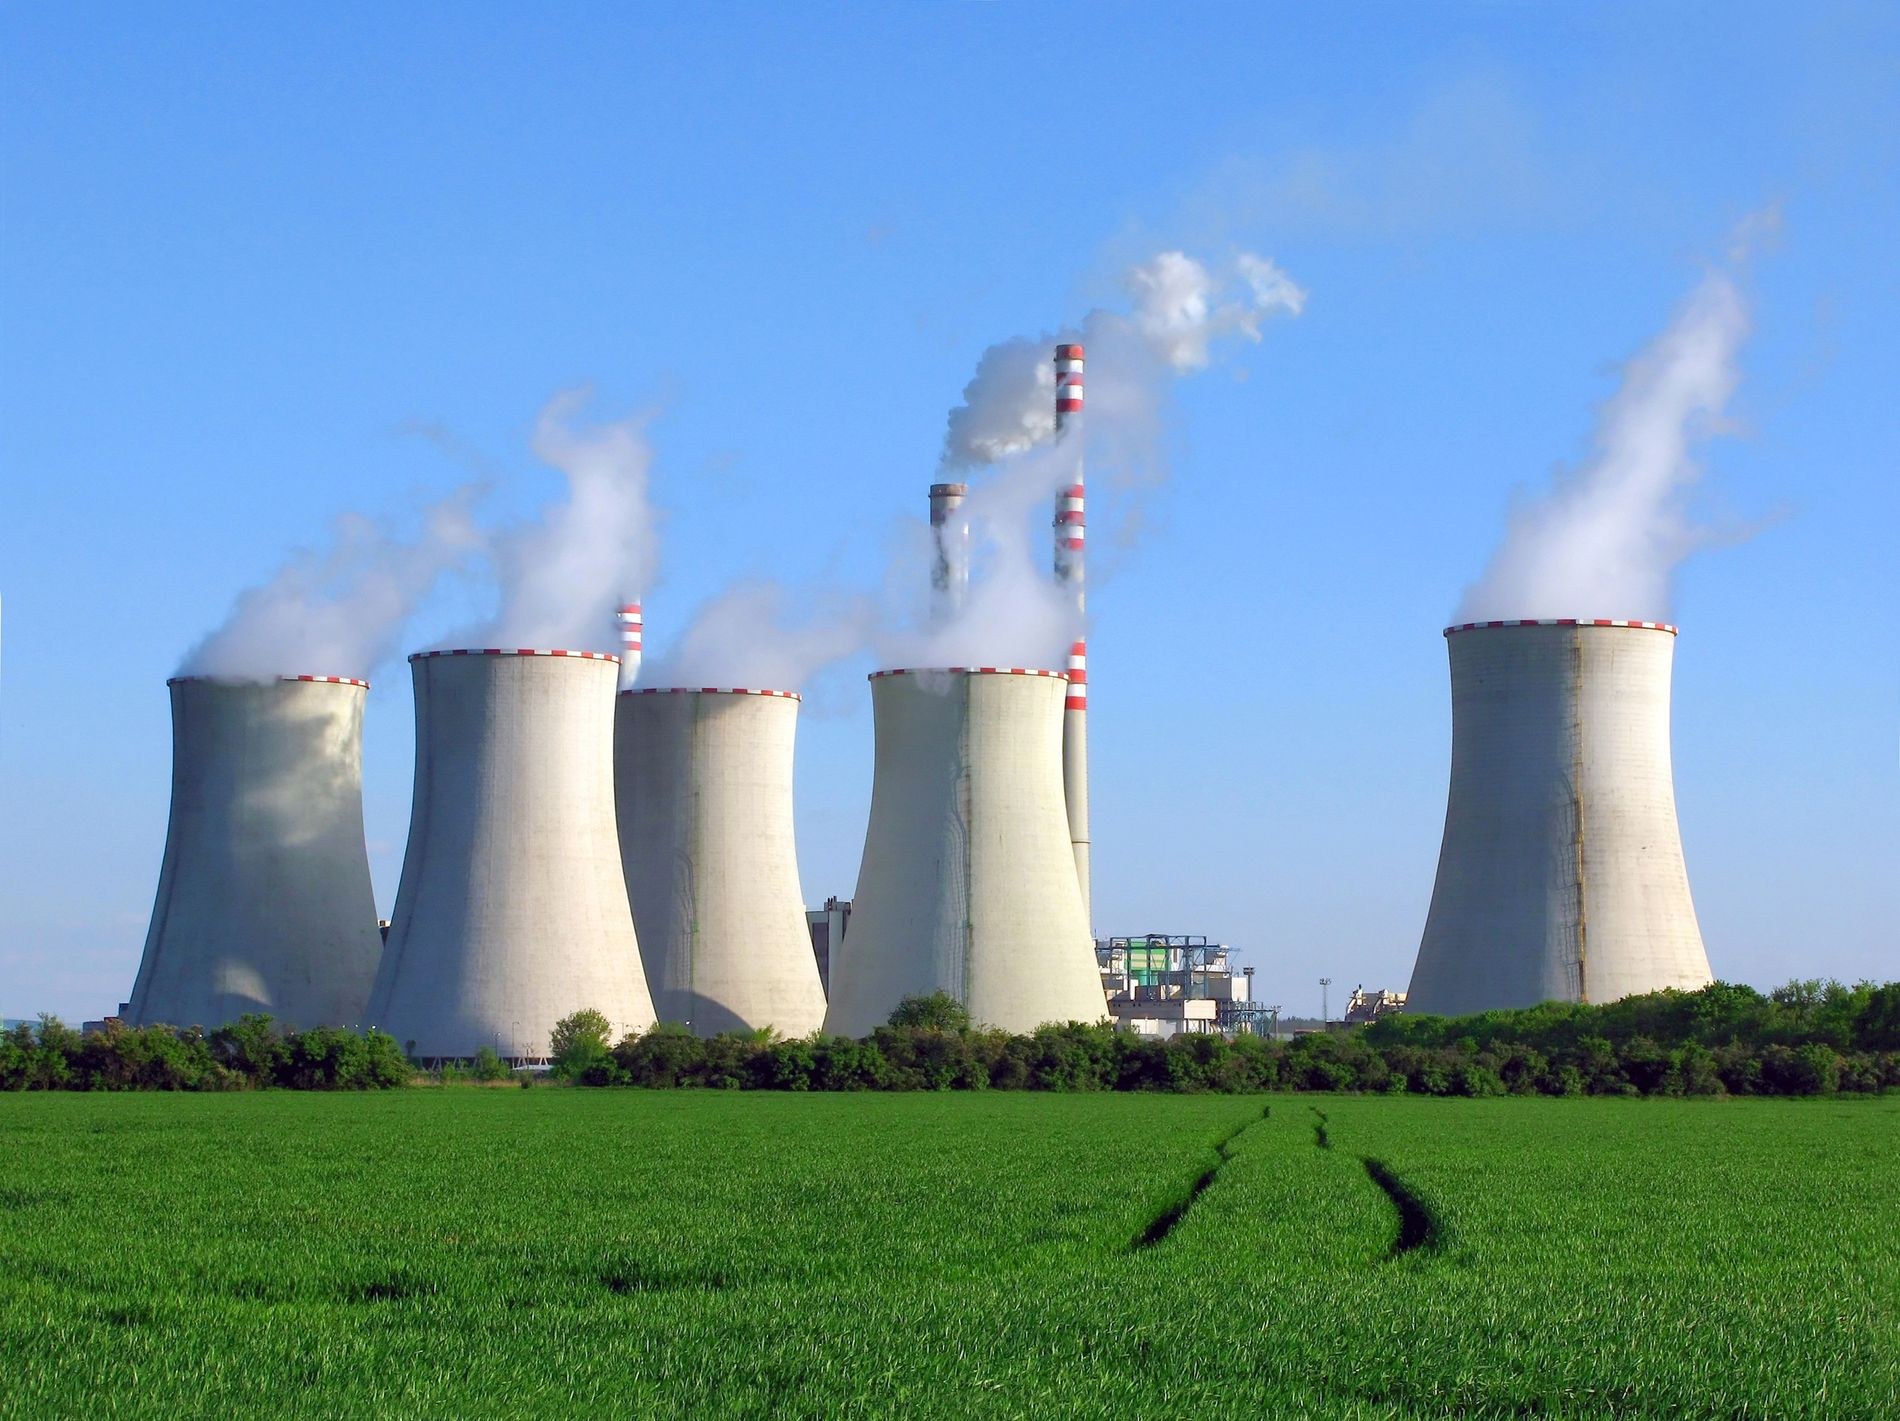 Heffa Schücking kämpft gegen umweltschädliche Projekte wie dieses Kohlekraftwerk.